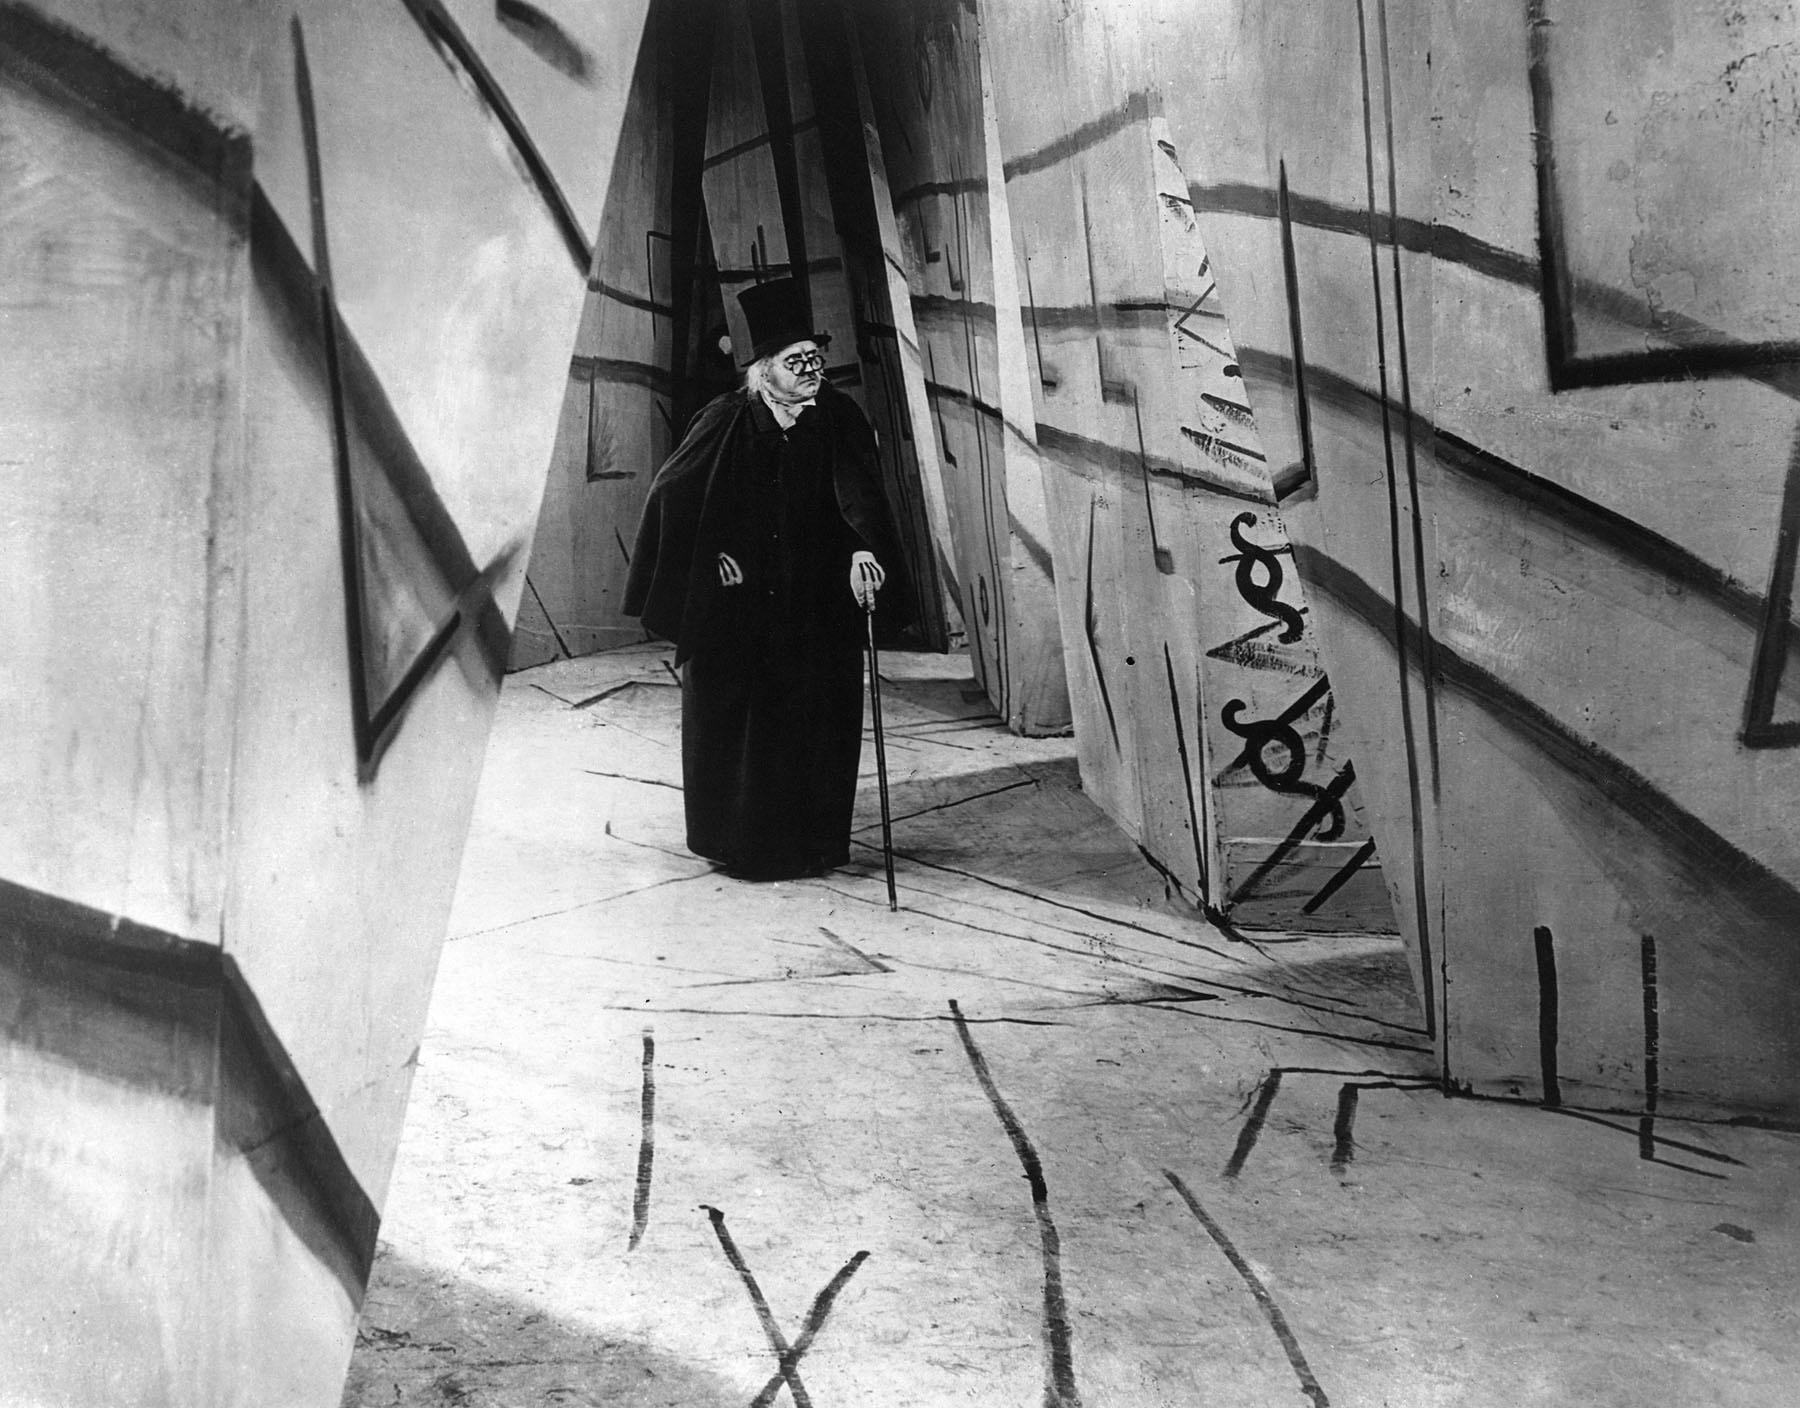 Annex - Krauss, Werner (Cabinet of Dr. Caligari, The)_01